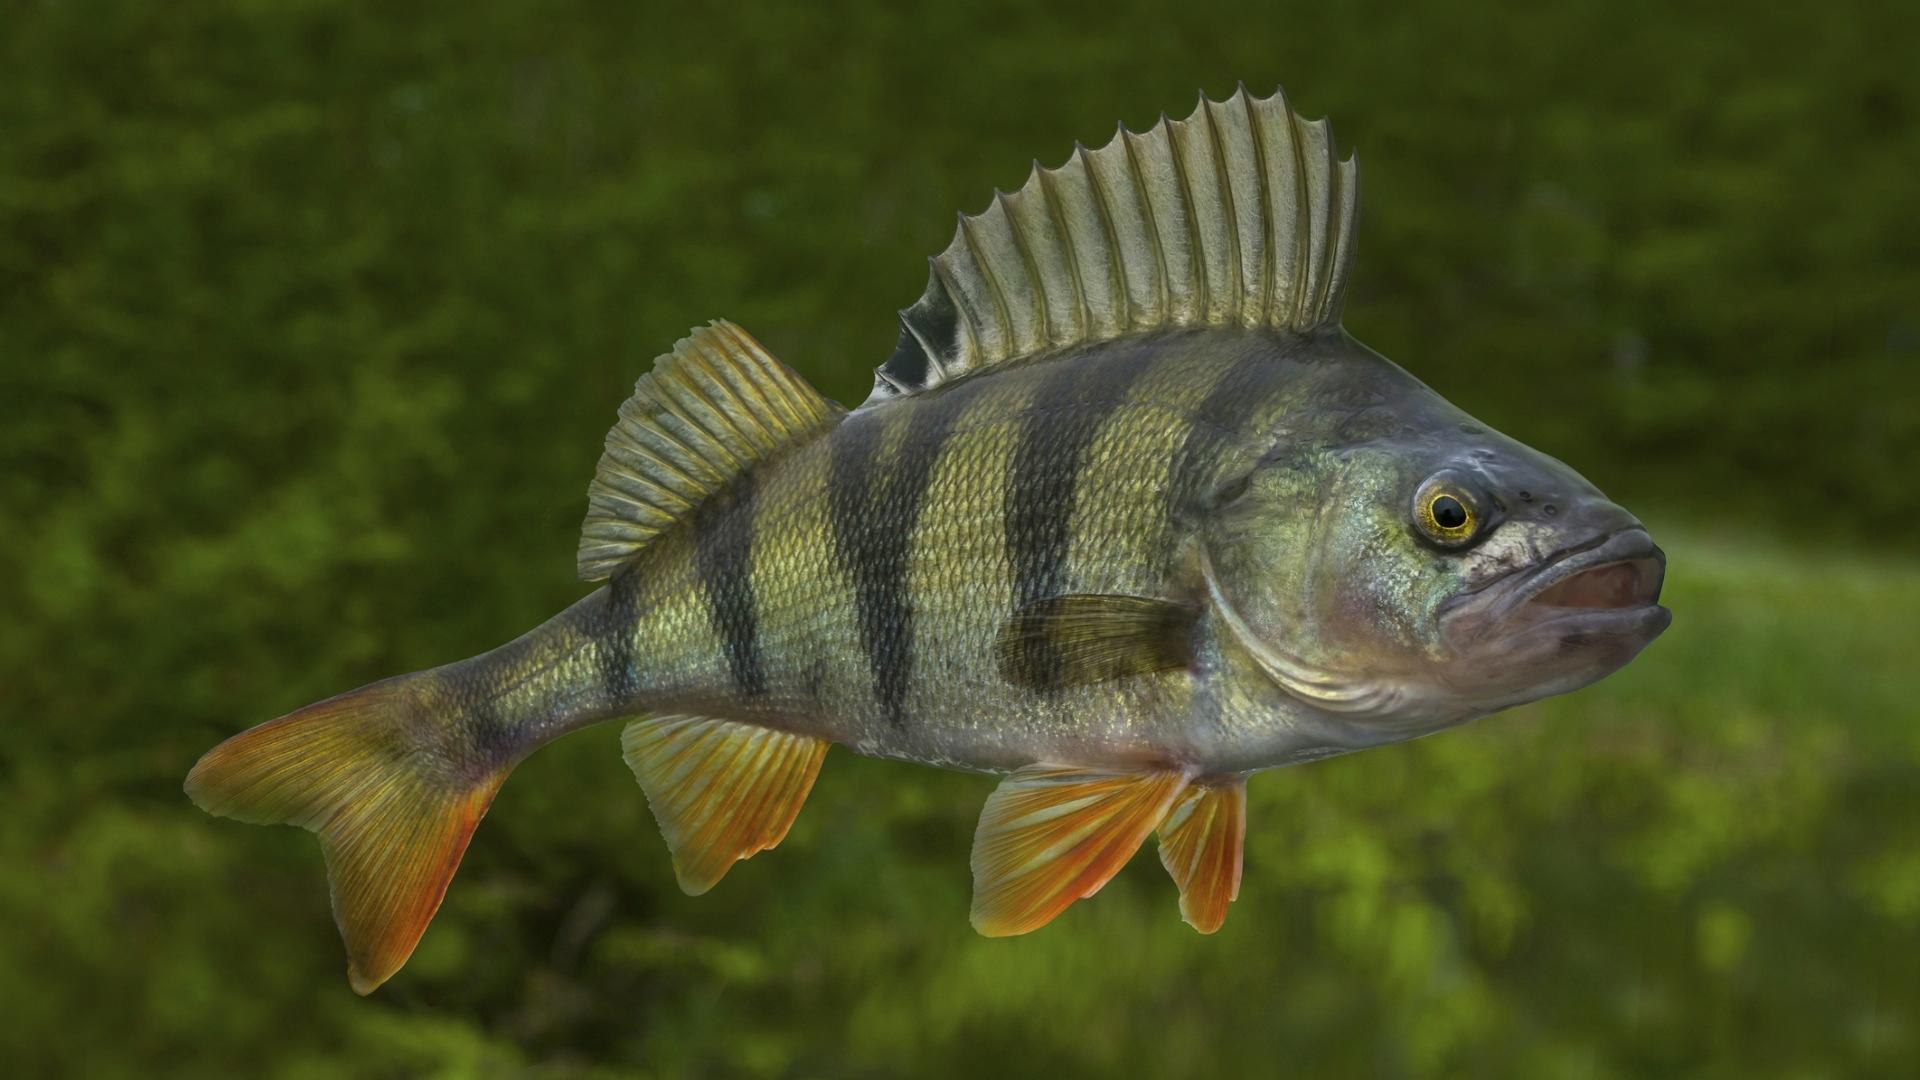 Ahvenista kannattaa nostaa vain fileekokoiset, yli 400 grammaiset, ahvenet. Muut voi jättää järveen polskimaan. Monet kalamuistot koskivat ahvenen narraamista.